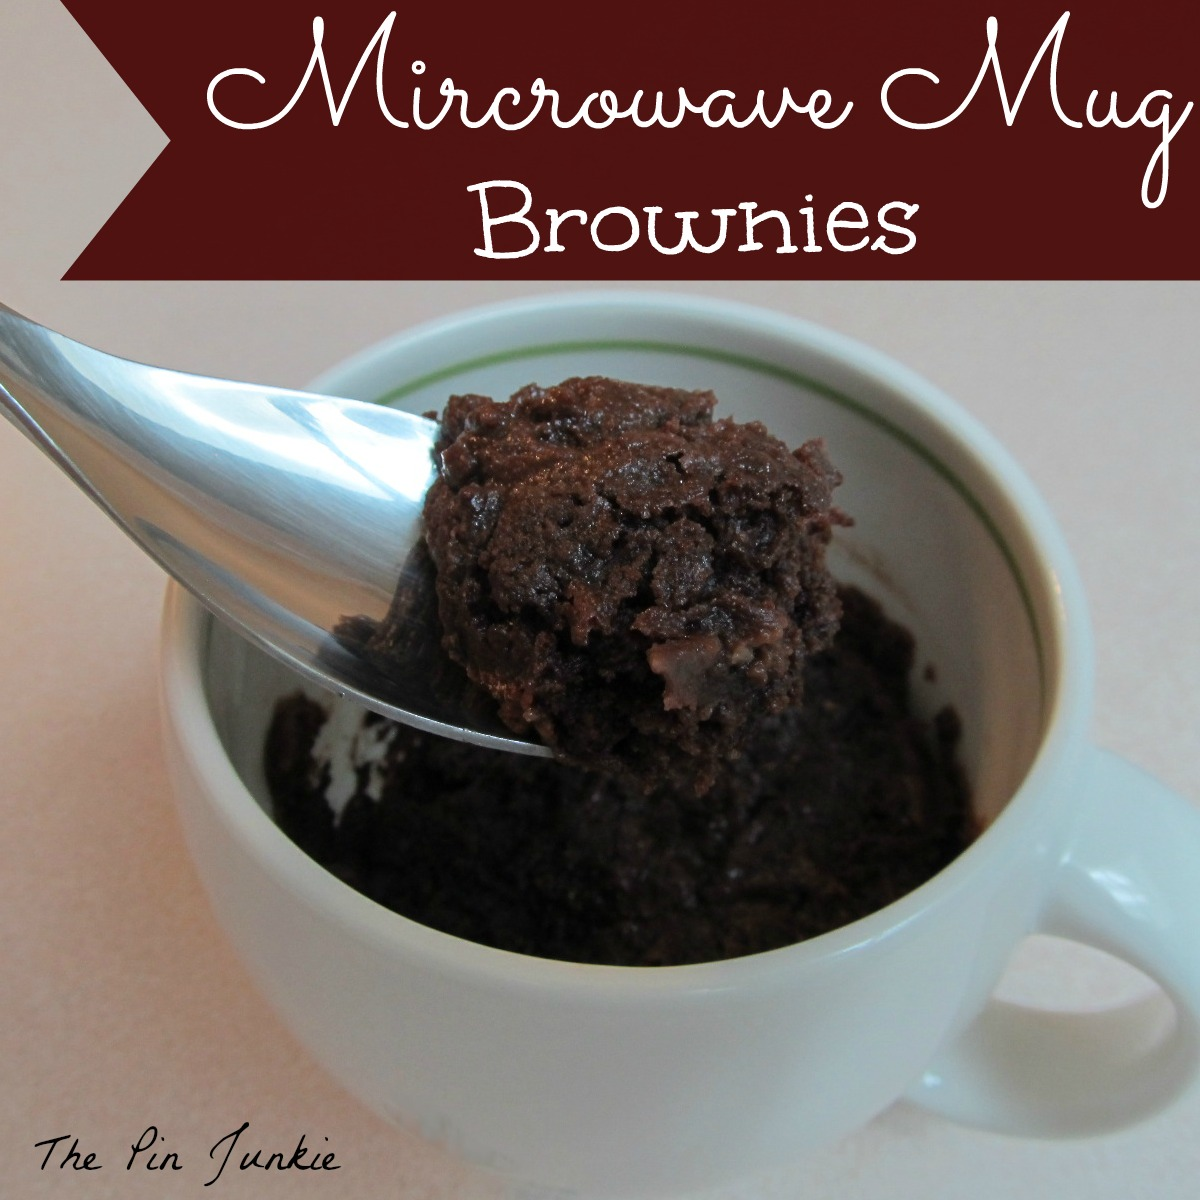 single serving microwave mug brownies